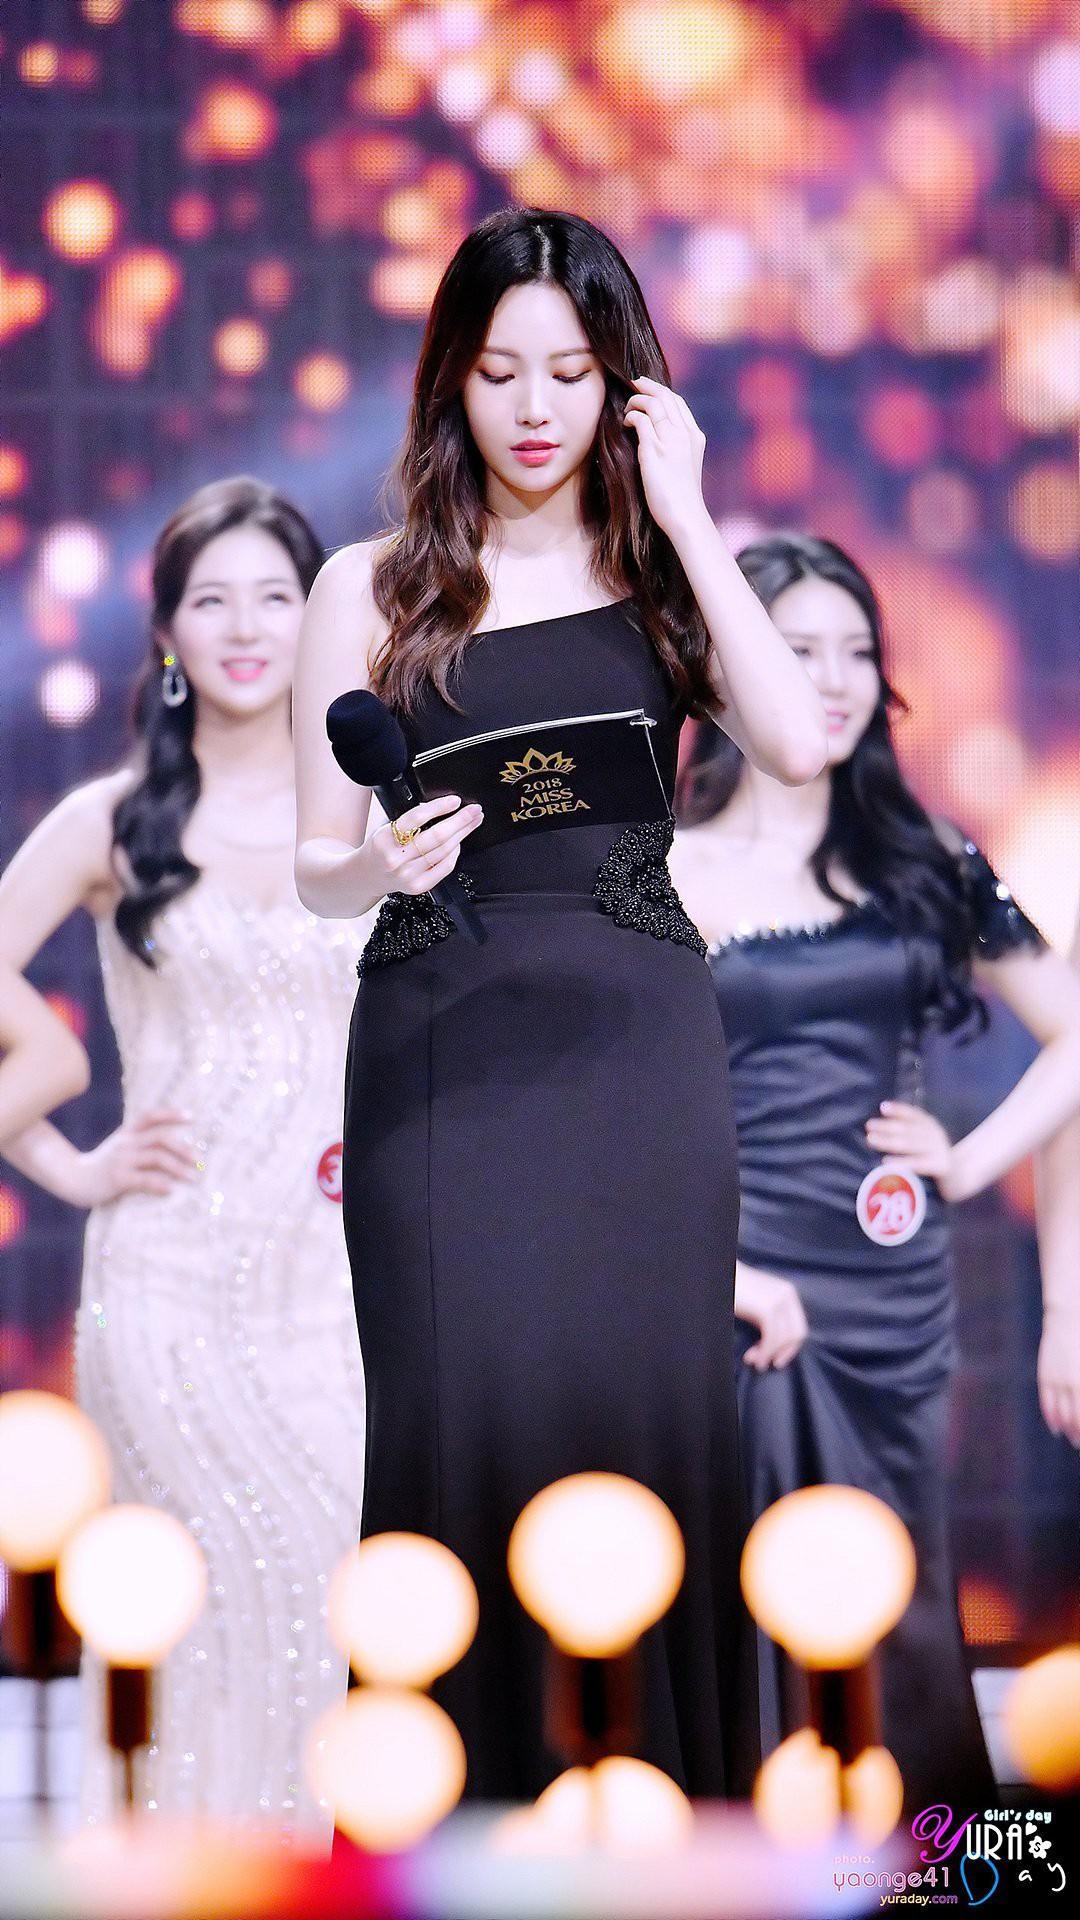 """Trớ trêu các cuộc thi sắc đẹp Hàn Quốc: Hoa hậu bị """"kẻ ngoài cuộc"""" lấn át nhan sắc ngay trong đêm đăng quang! - Ảnh 1."""